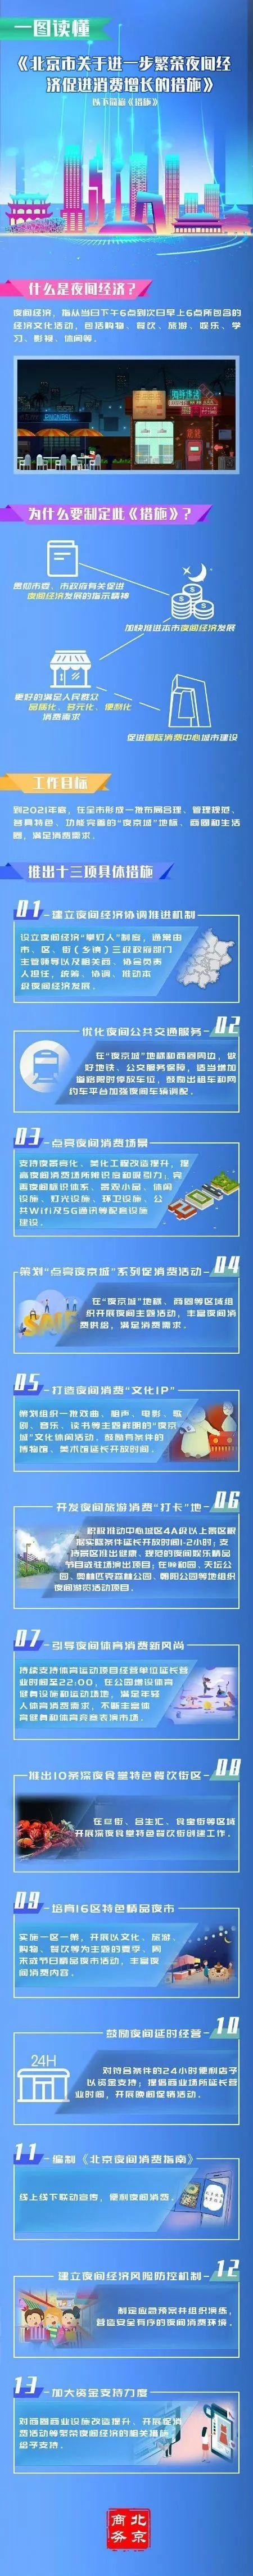 """北京竭尽全力打造""""夜都""""消费地标三里屯、五棵松、蓝港和世贸街"""